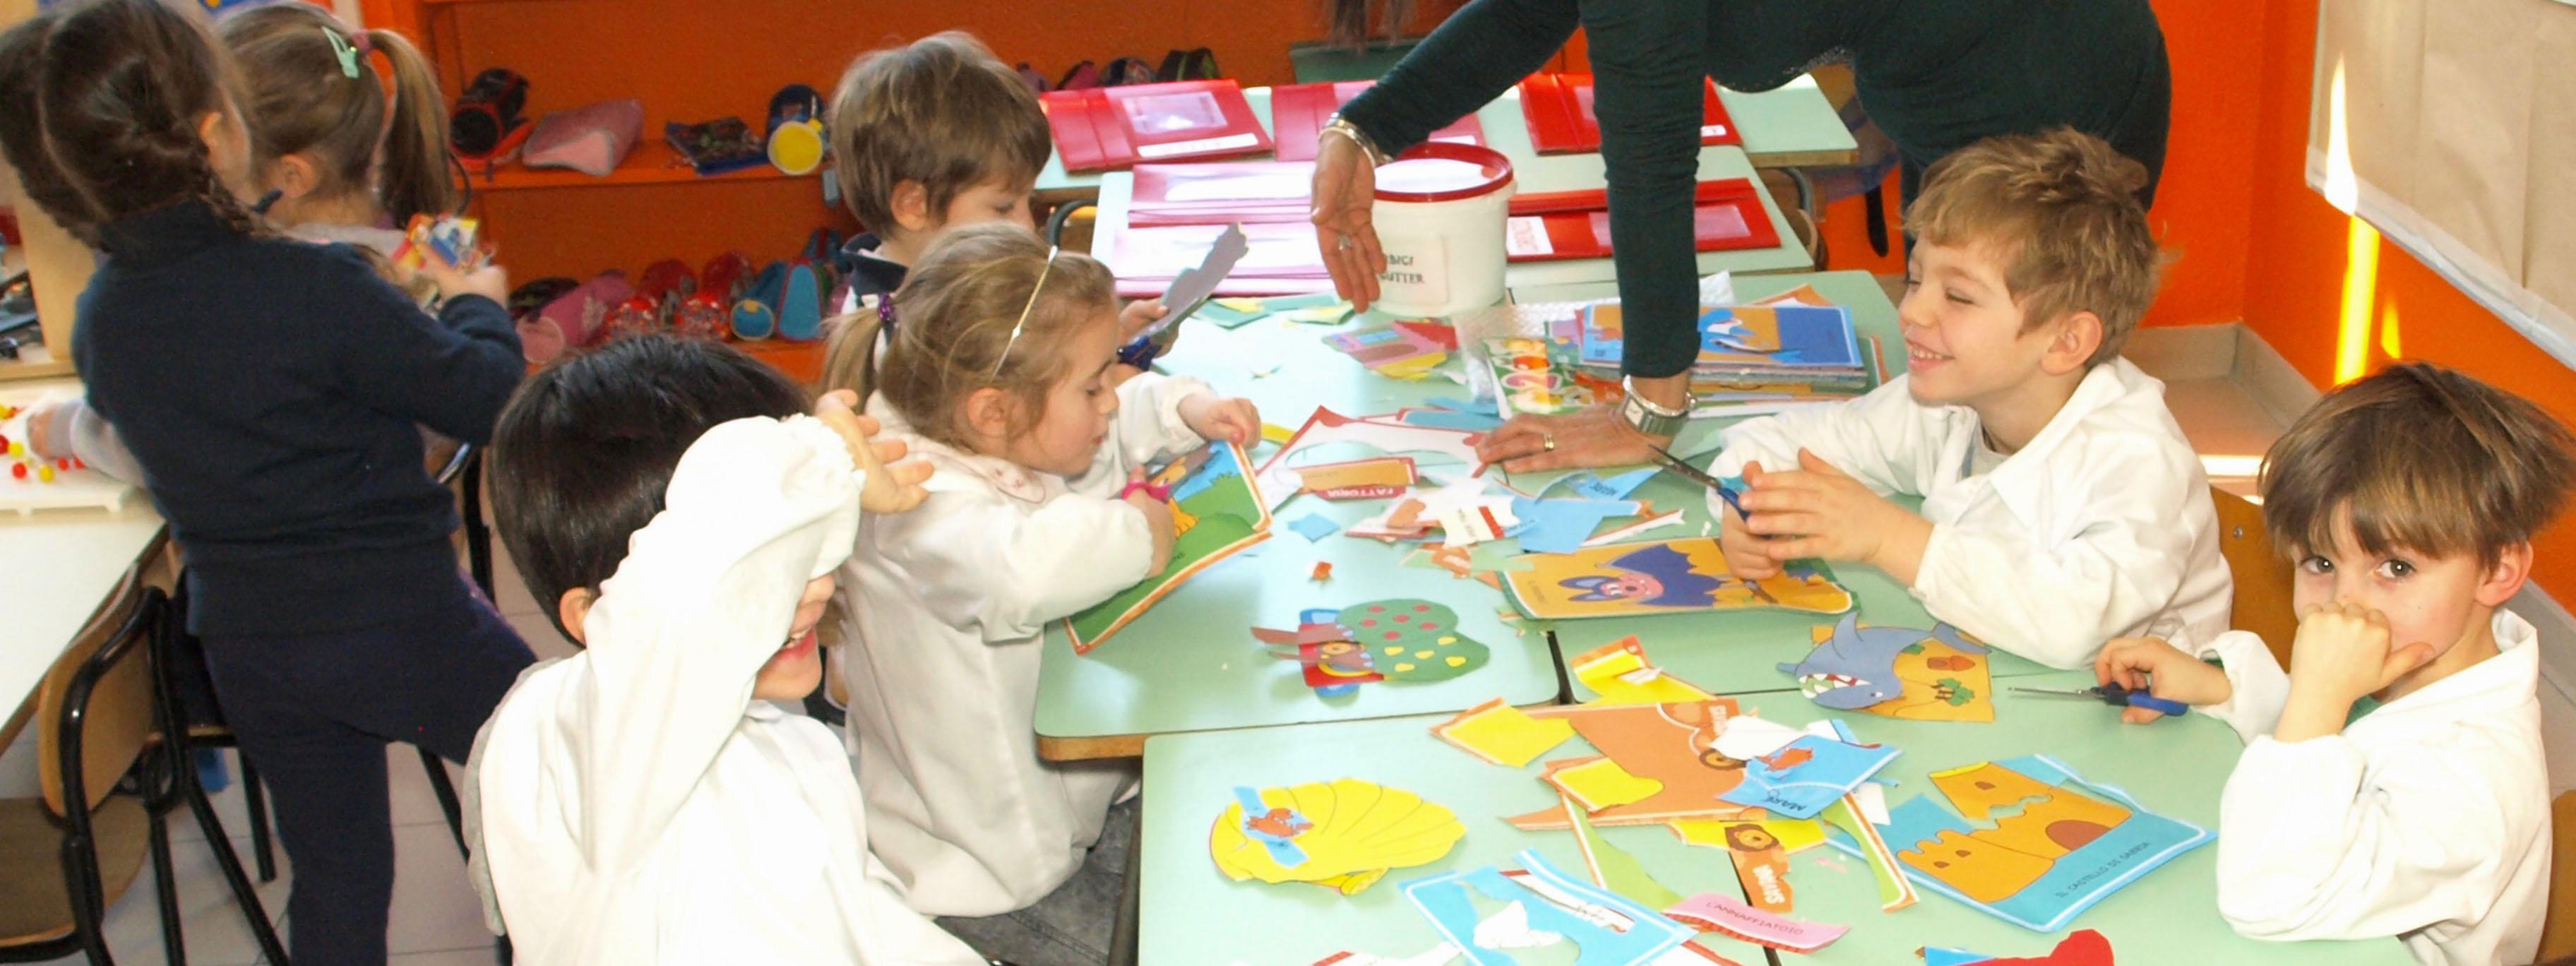 Istituto San Giuseppe La Salle Milano Scuola Infanzia_Gioco_Head_3